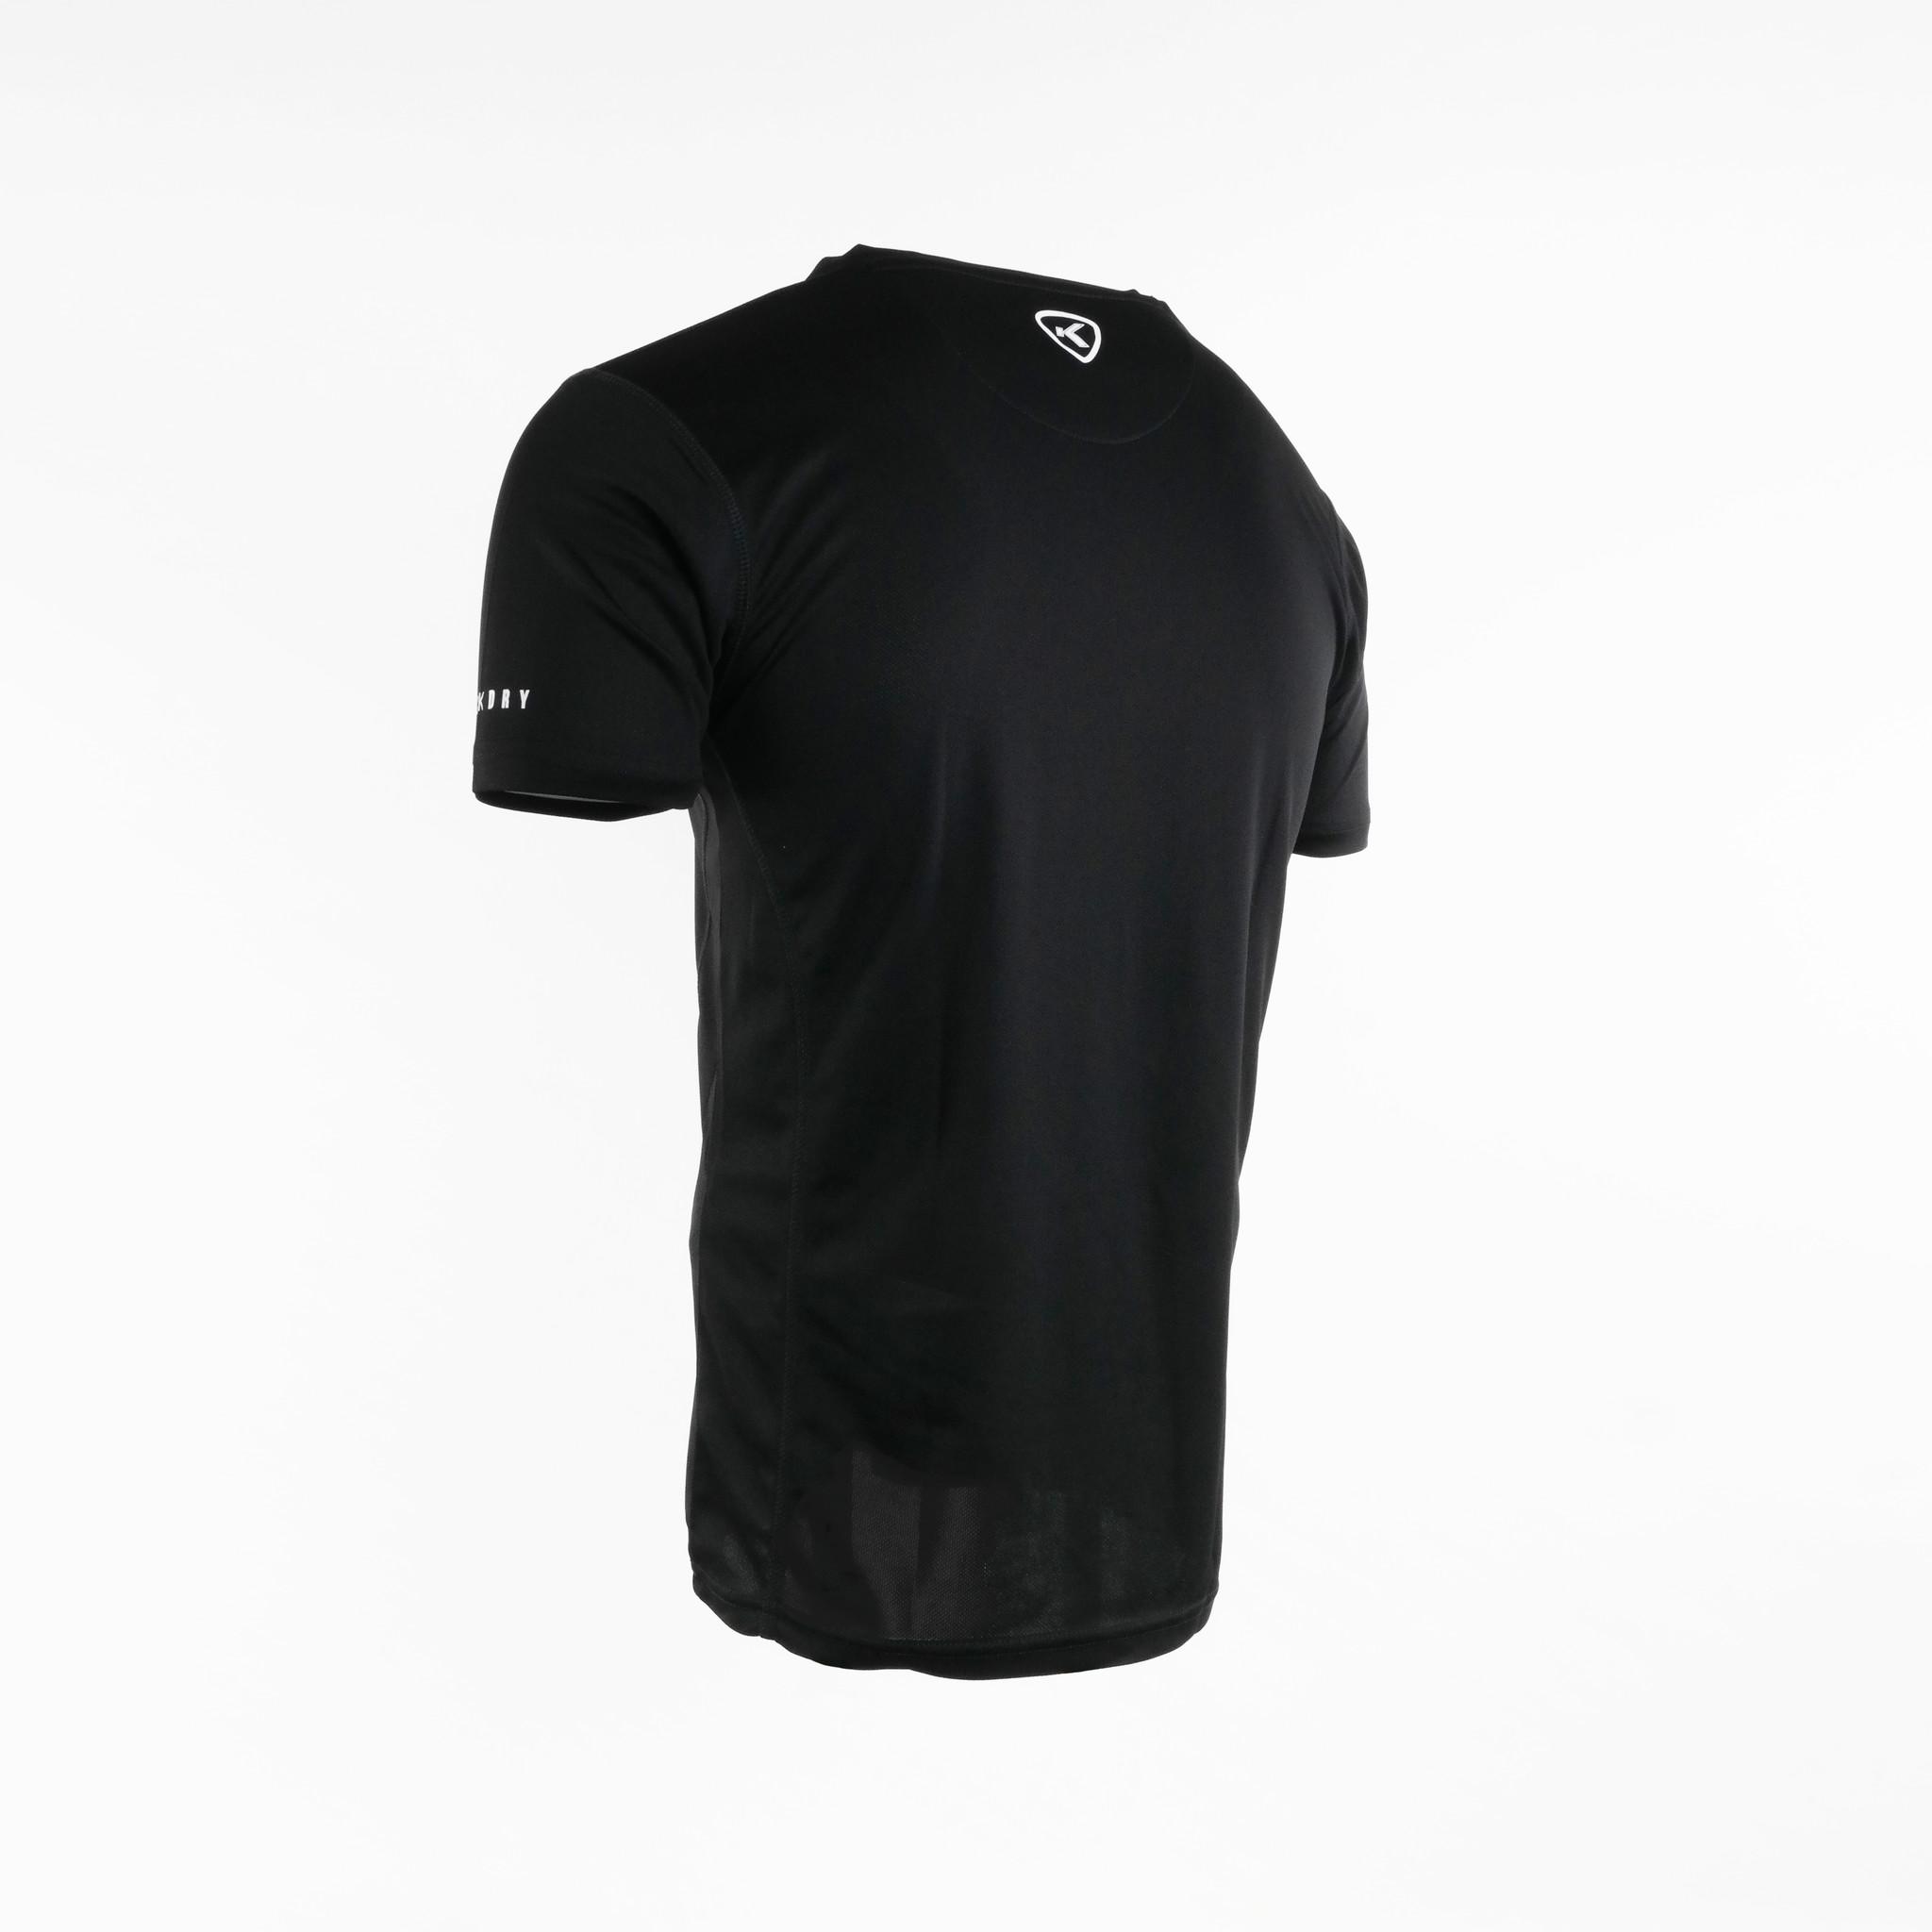 Klupp Original Shirt - Zwart